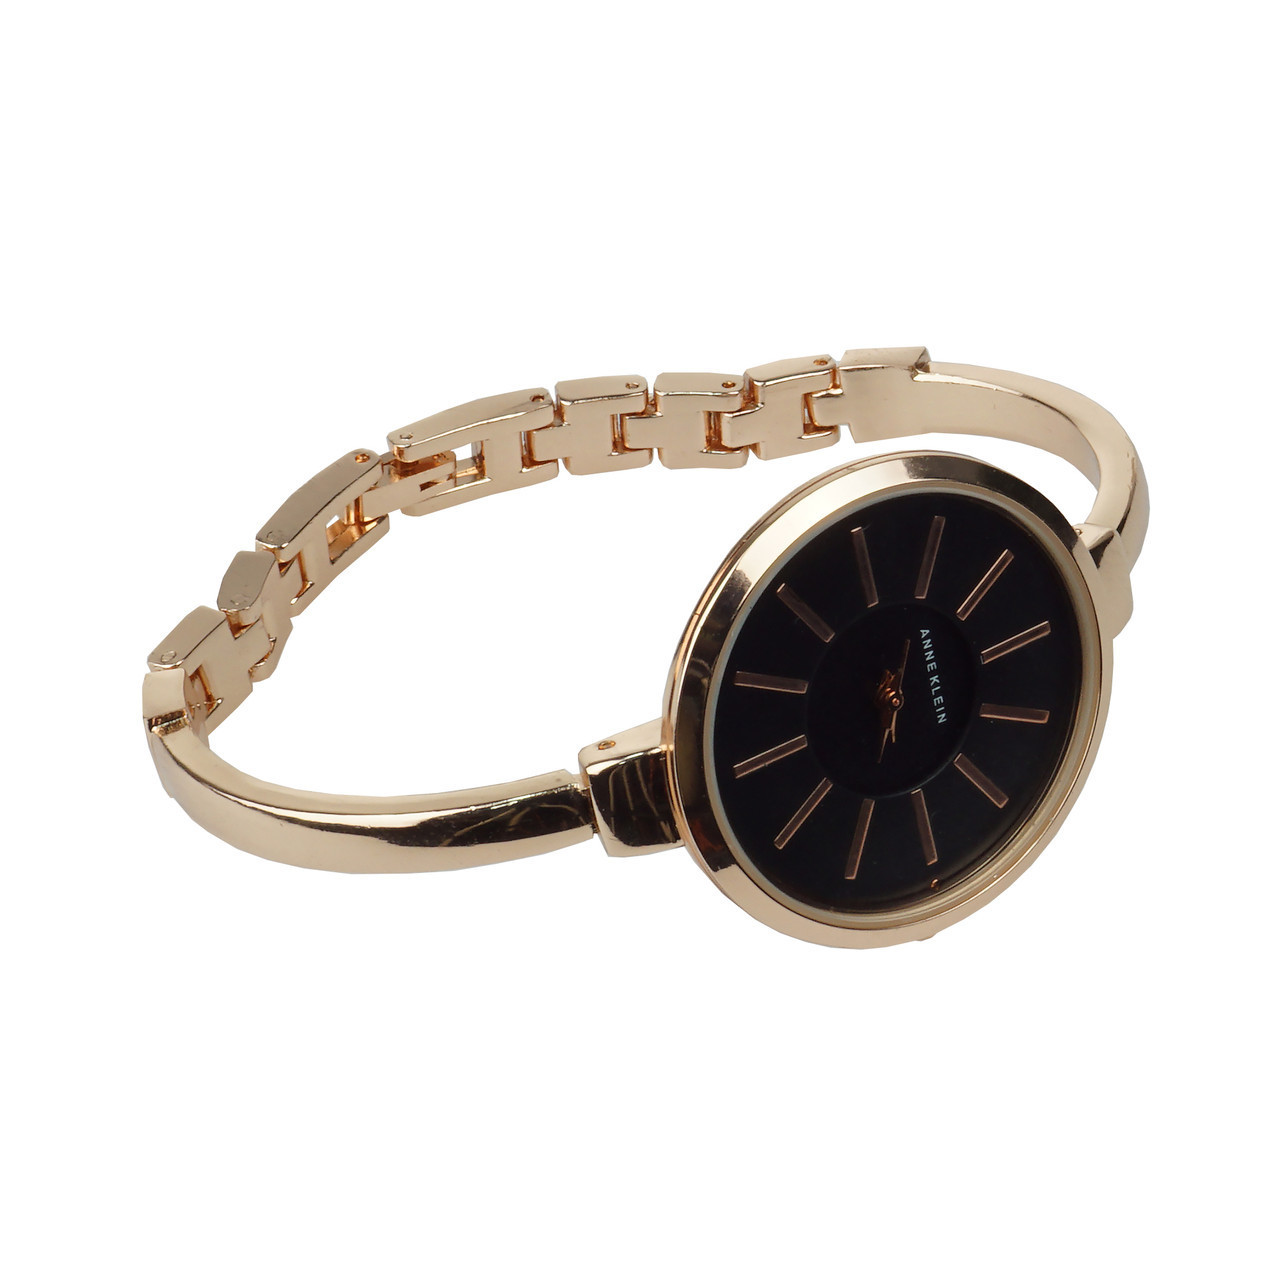 Часы в подарочной упаковке Anne Klein розово-золотистый + черный - фото 2